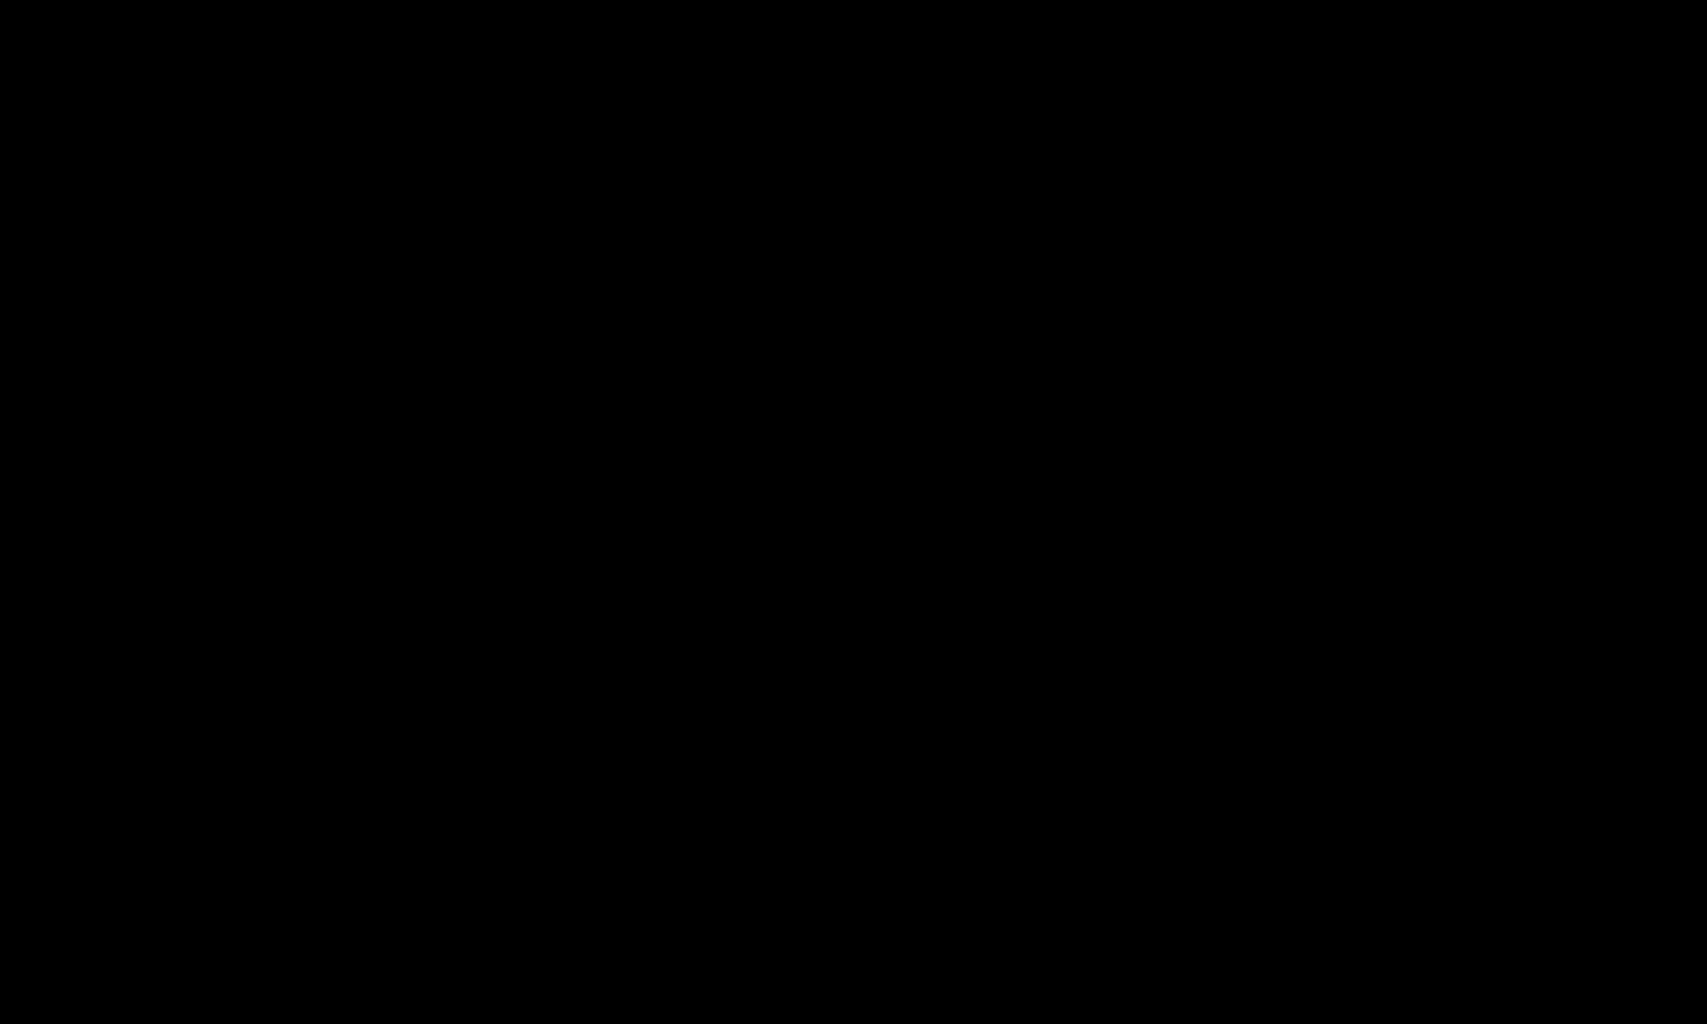 Illuminotronica 2017 – Dal 12 al 14 ottobre a Padova, l'evento dedicato alla luce